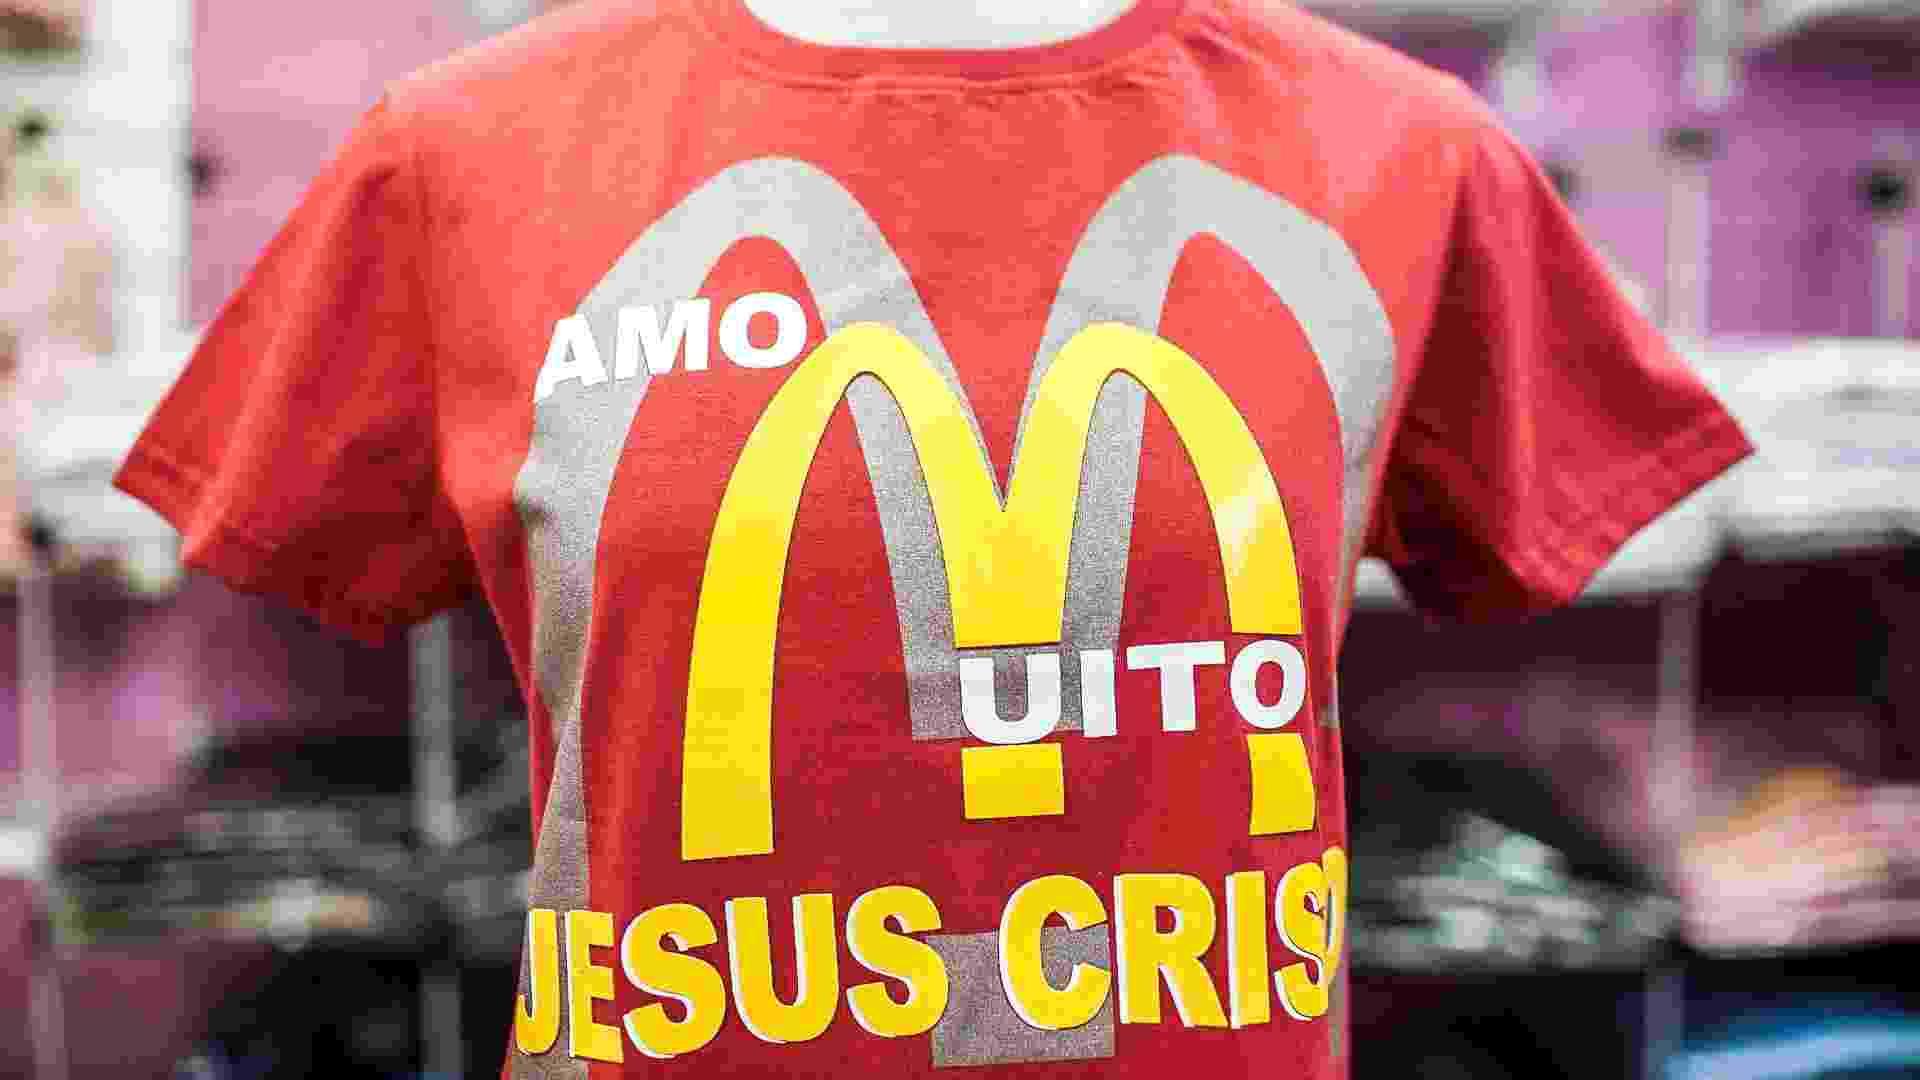 Logo da lanchonete McDonald's é usado para transmitir mensagem evangélica - Leonardo Soares/UOL